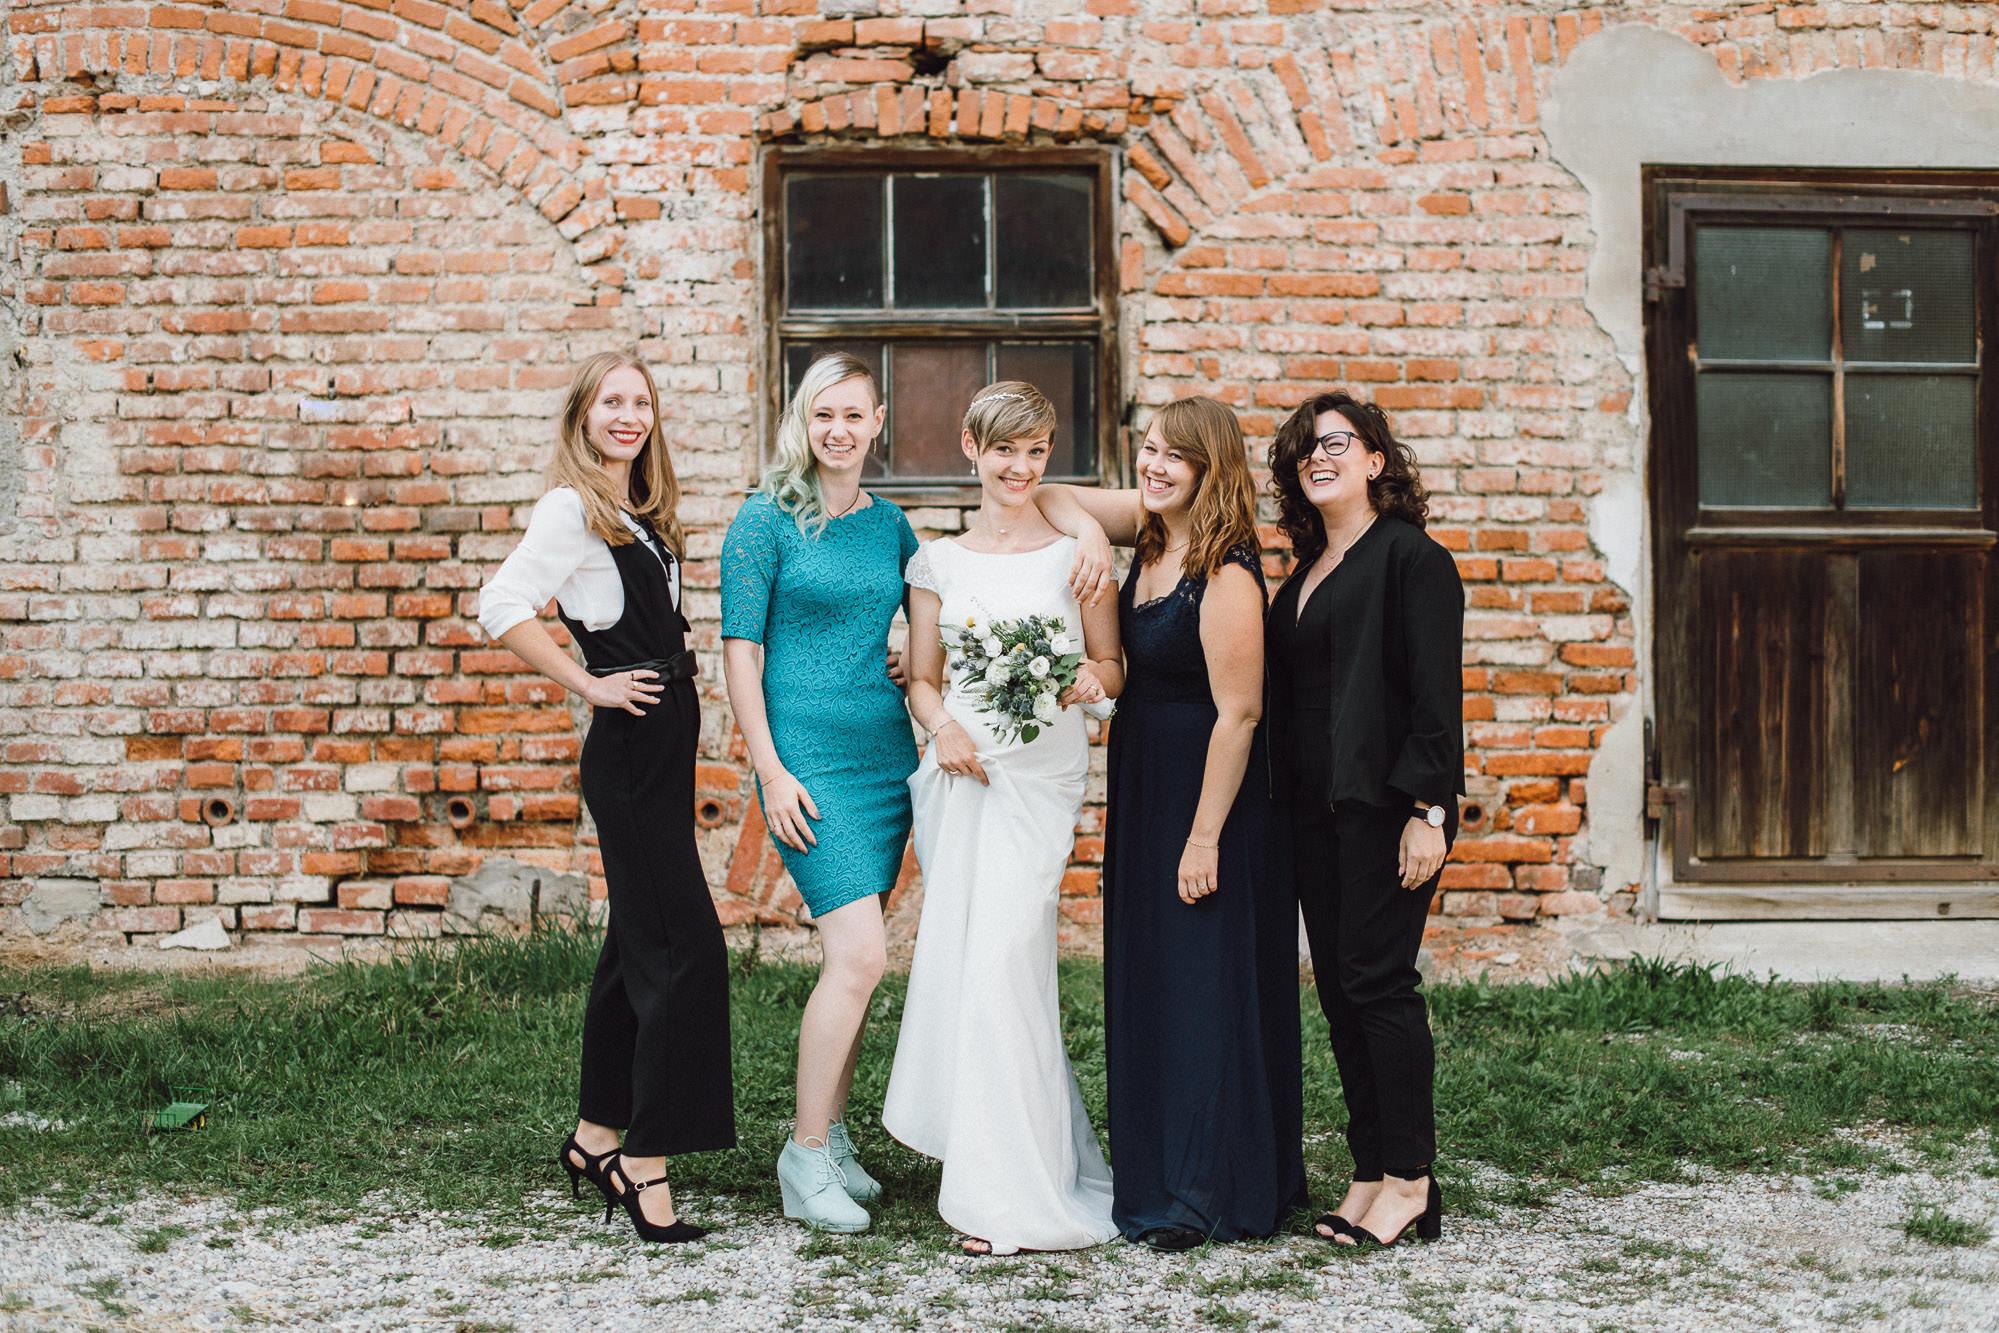 greenery-wedding-hochzeit-prielhof-sukkulenten-scheyern-lauraelenaphotography-074